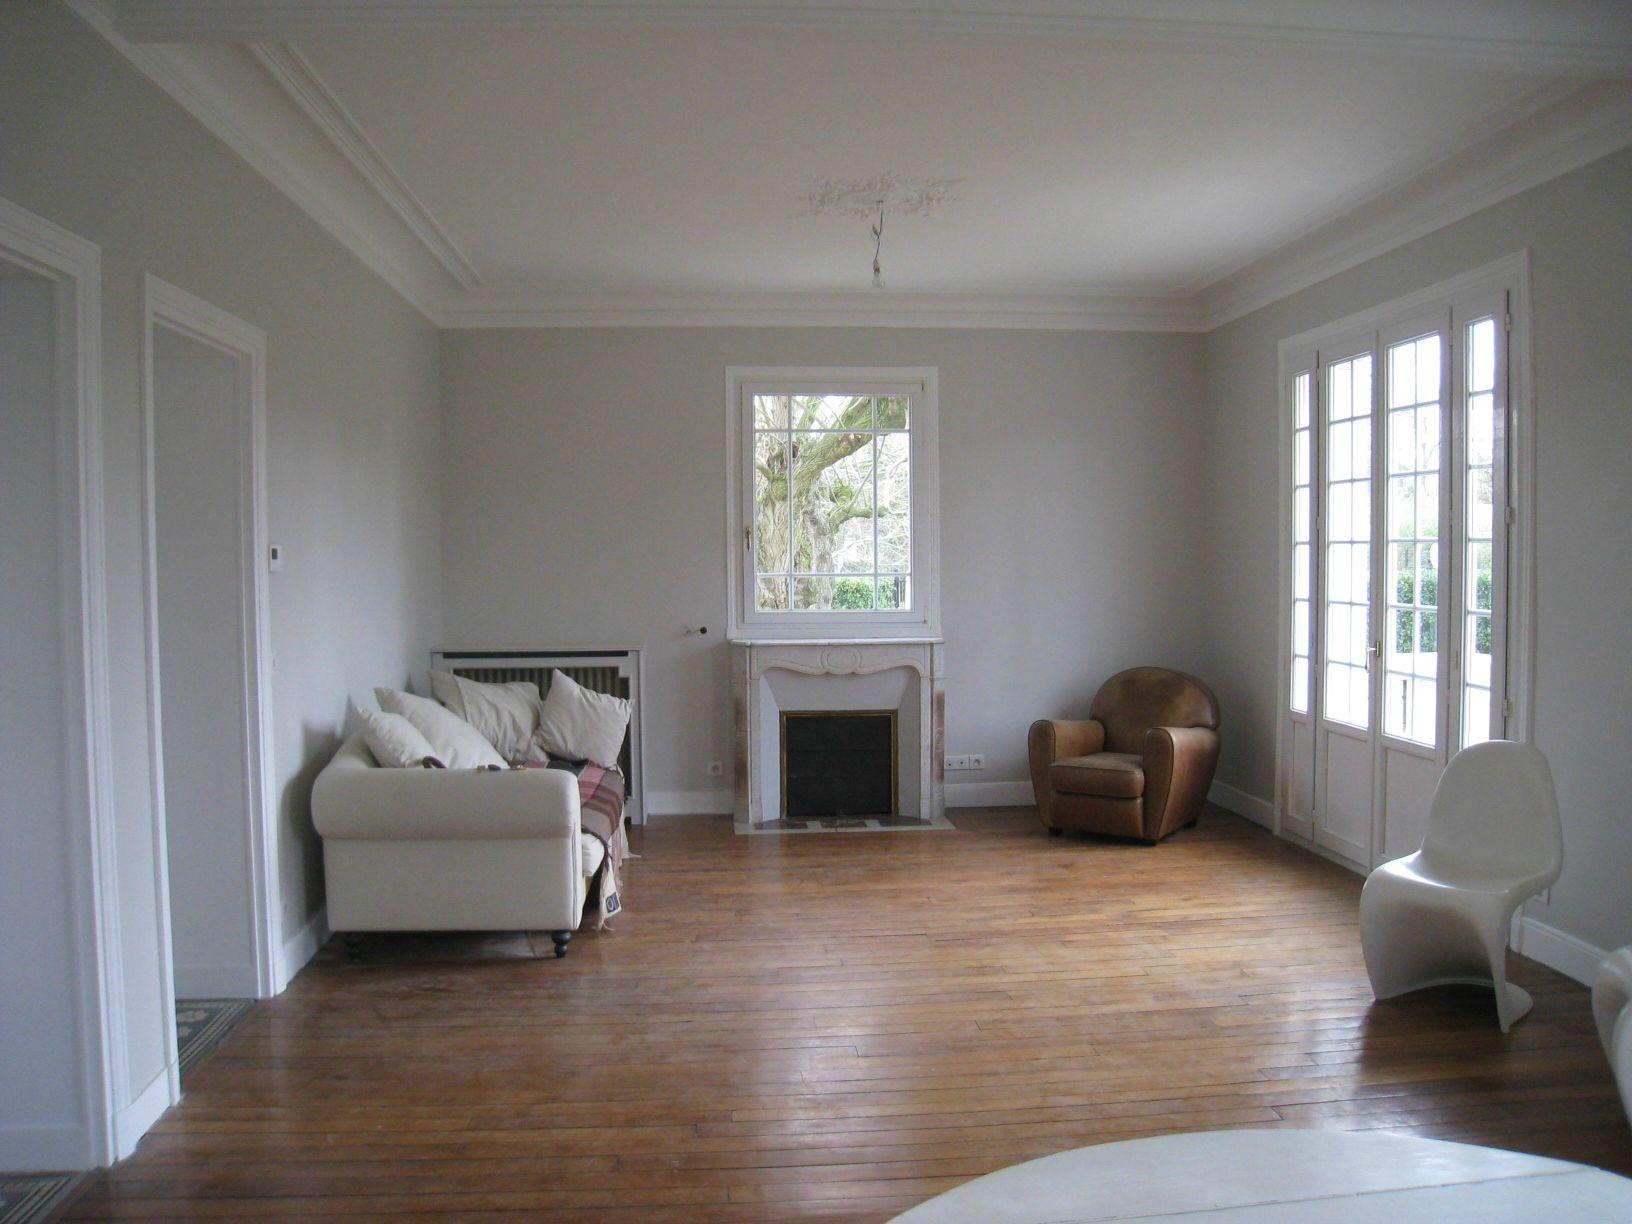 farrow and ball gris clair resine de protection pour peinture. Black Bedroom Furniture Sets. Home Design Ideas